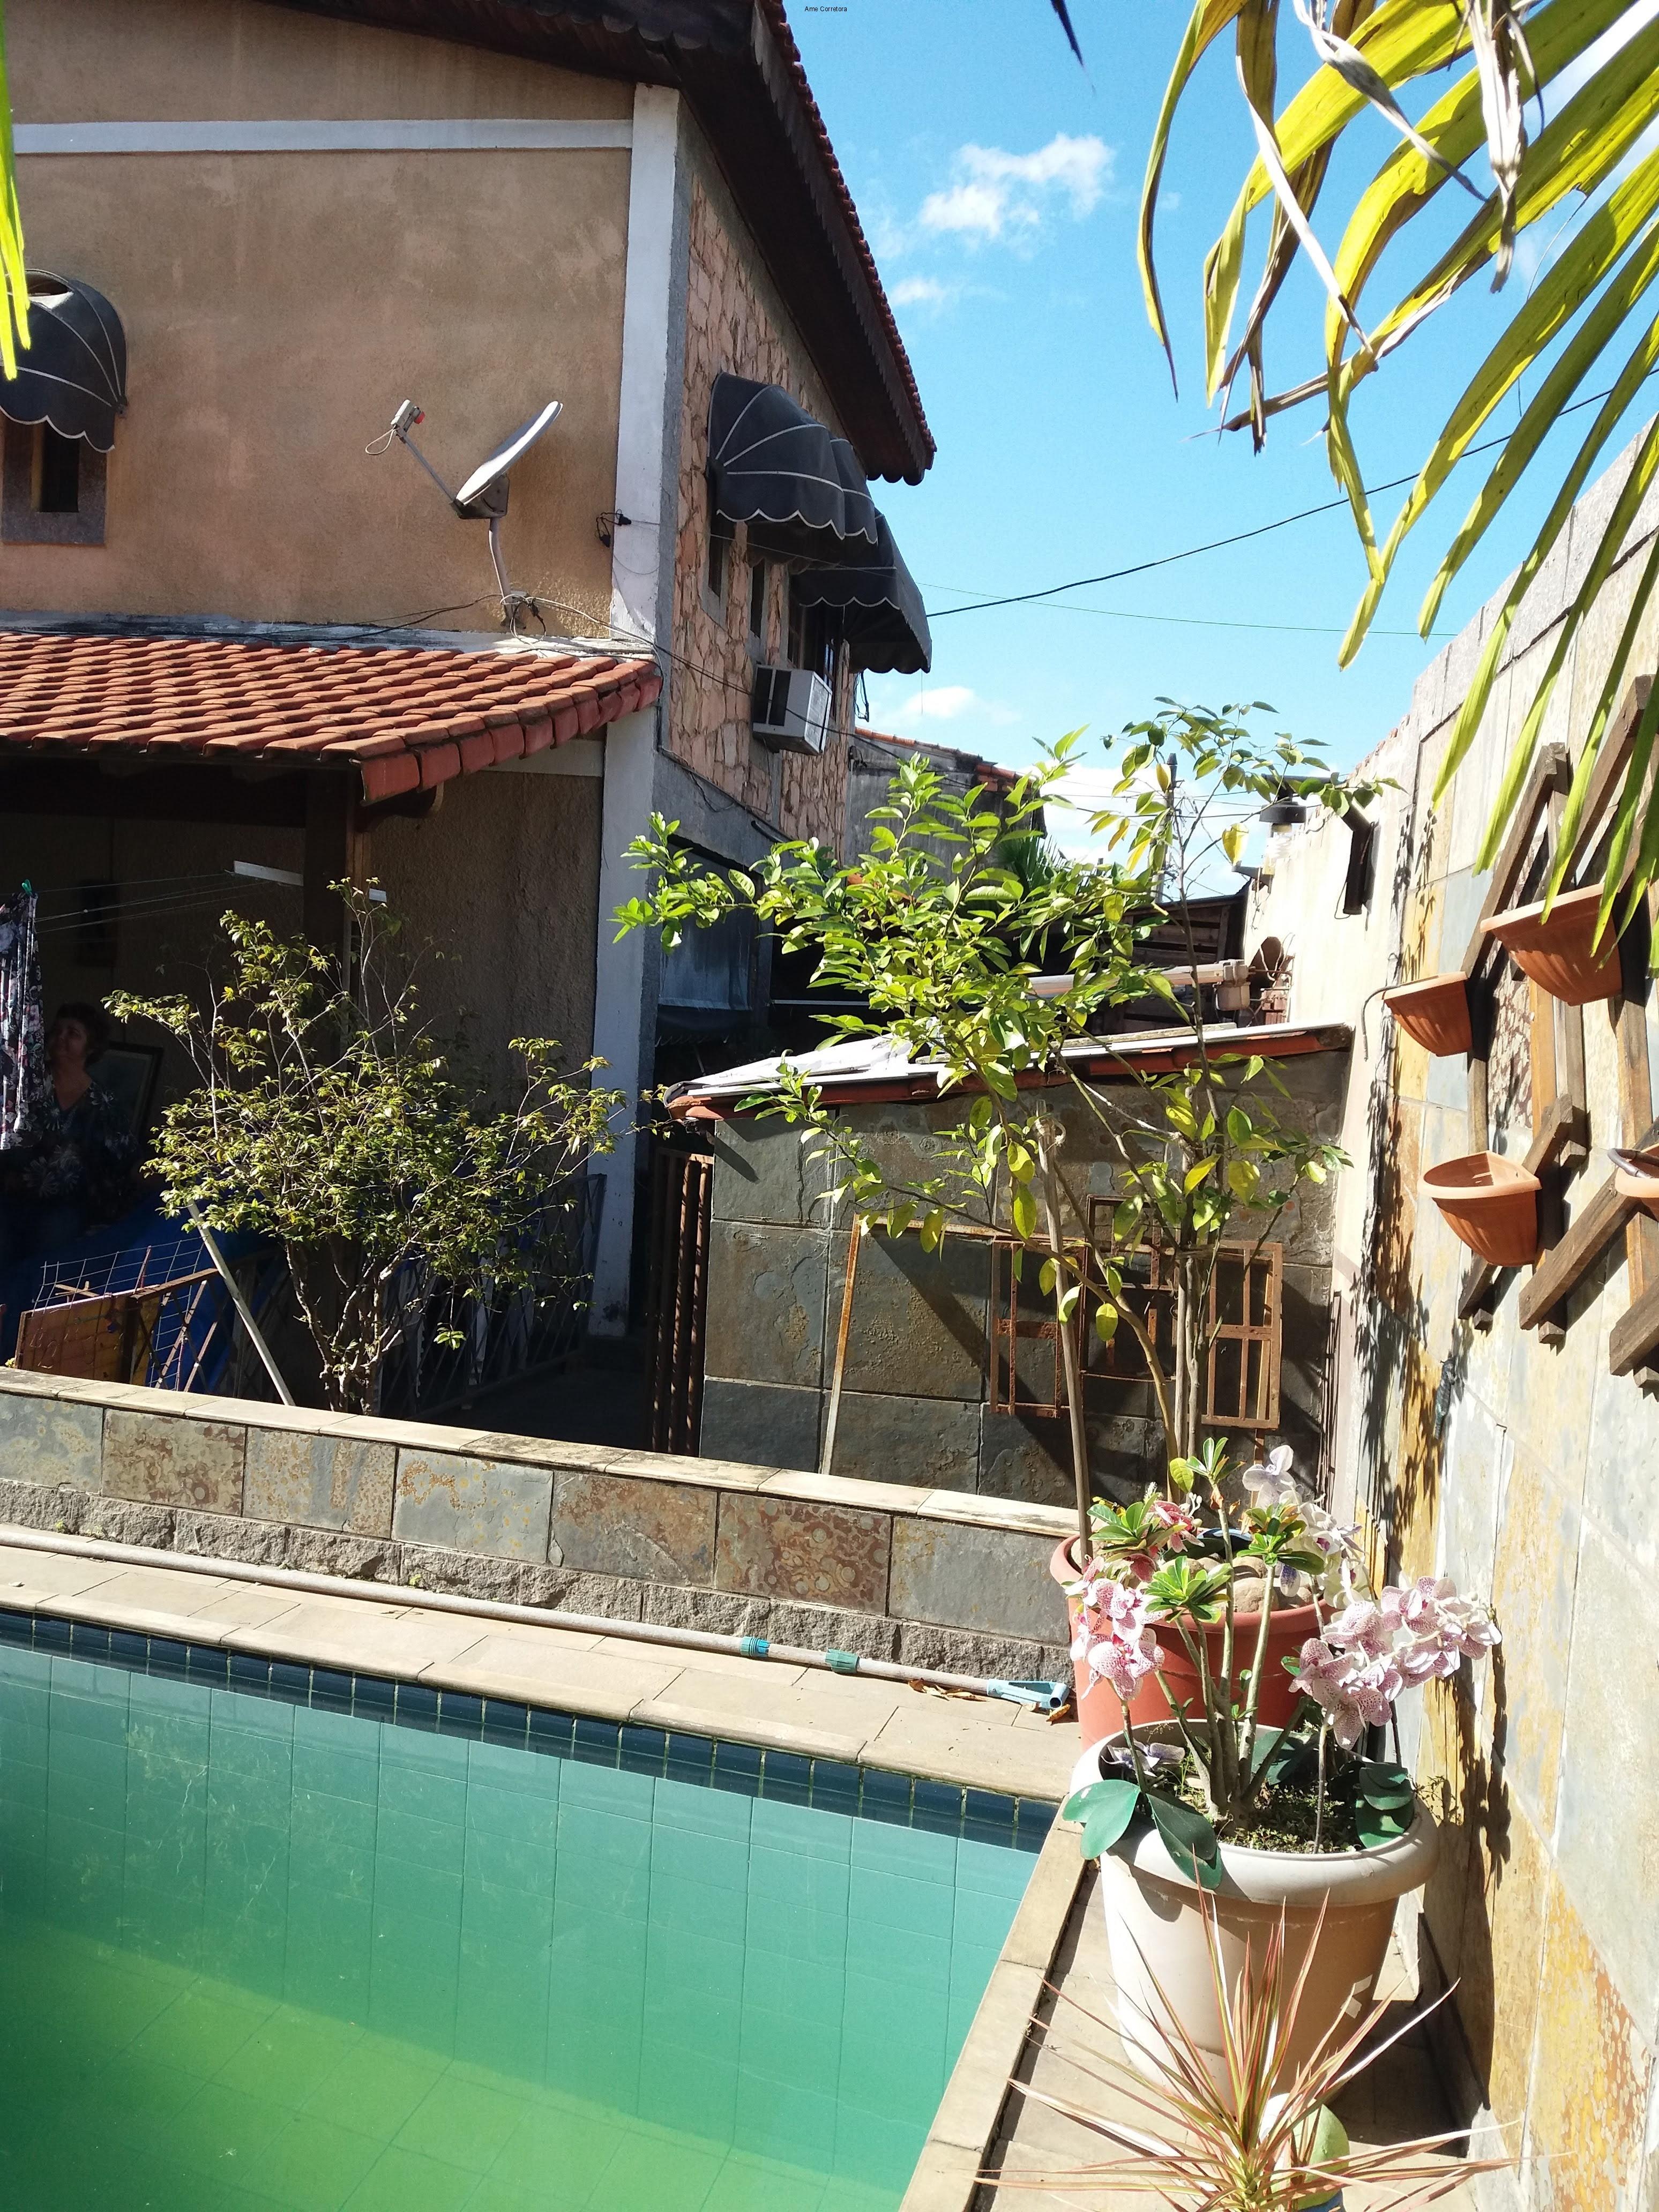 FOTO 23 - Casa 3 quartos à venda Rio de Janeiro,RJ Bangu - R$ 900.000 - CA00648 - 24